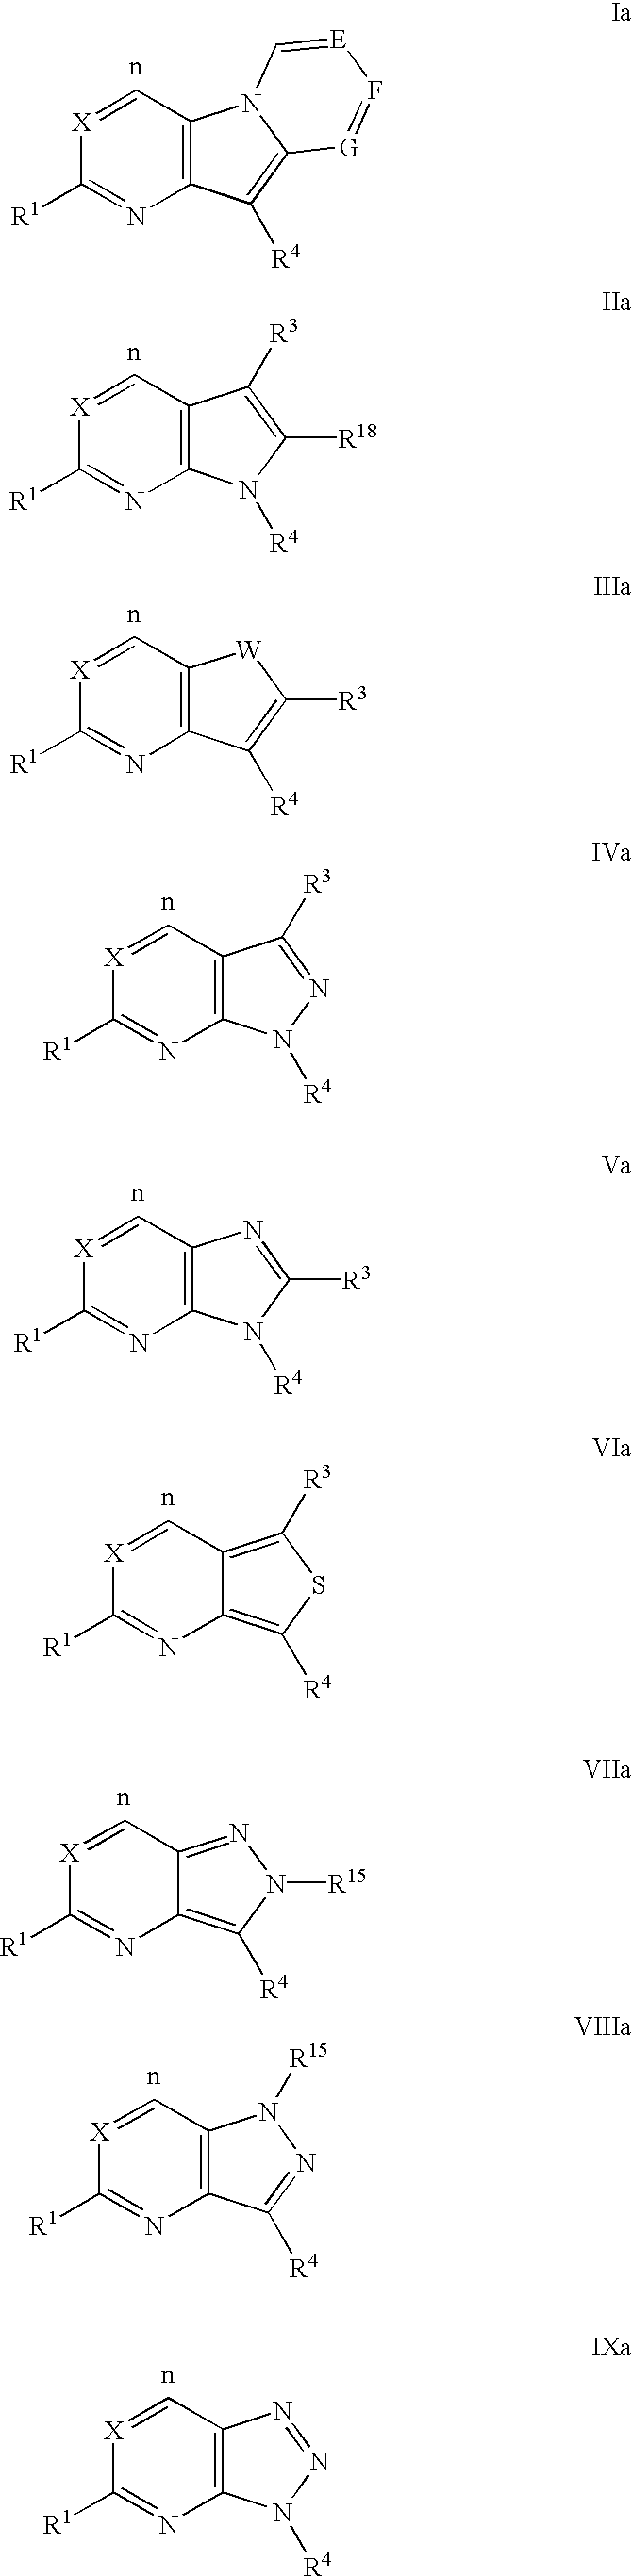 Figure US06506762-20030114-C00011